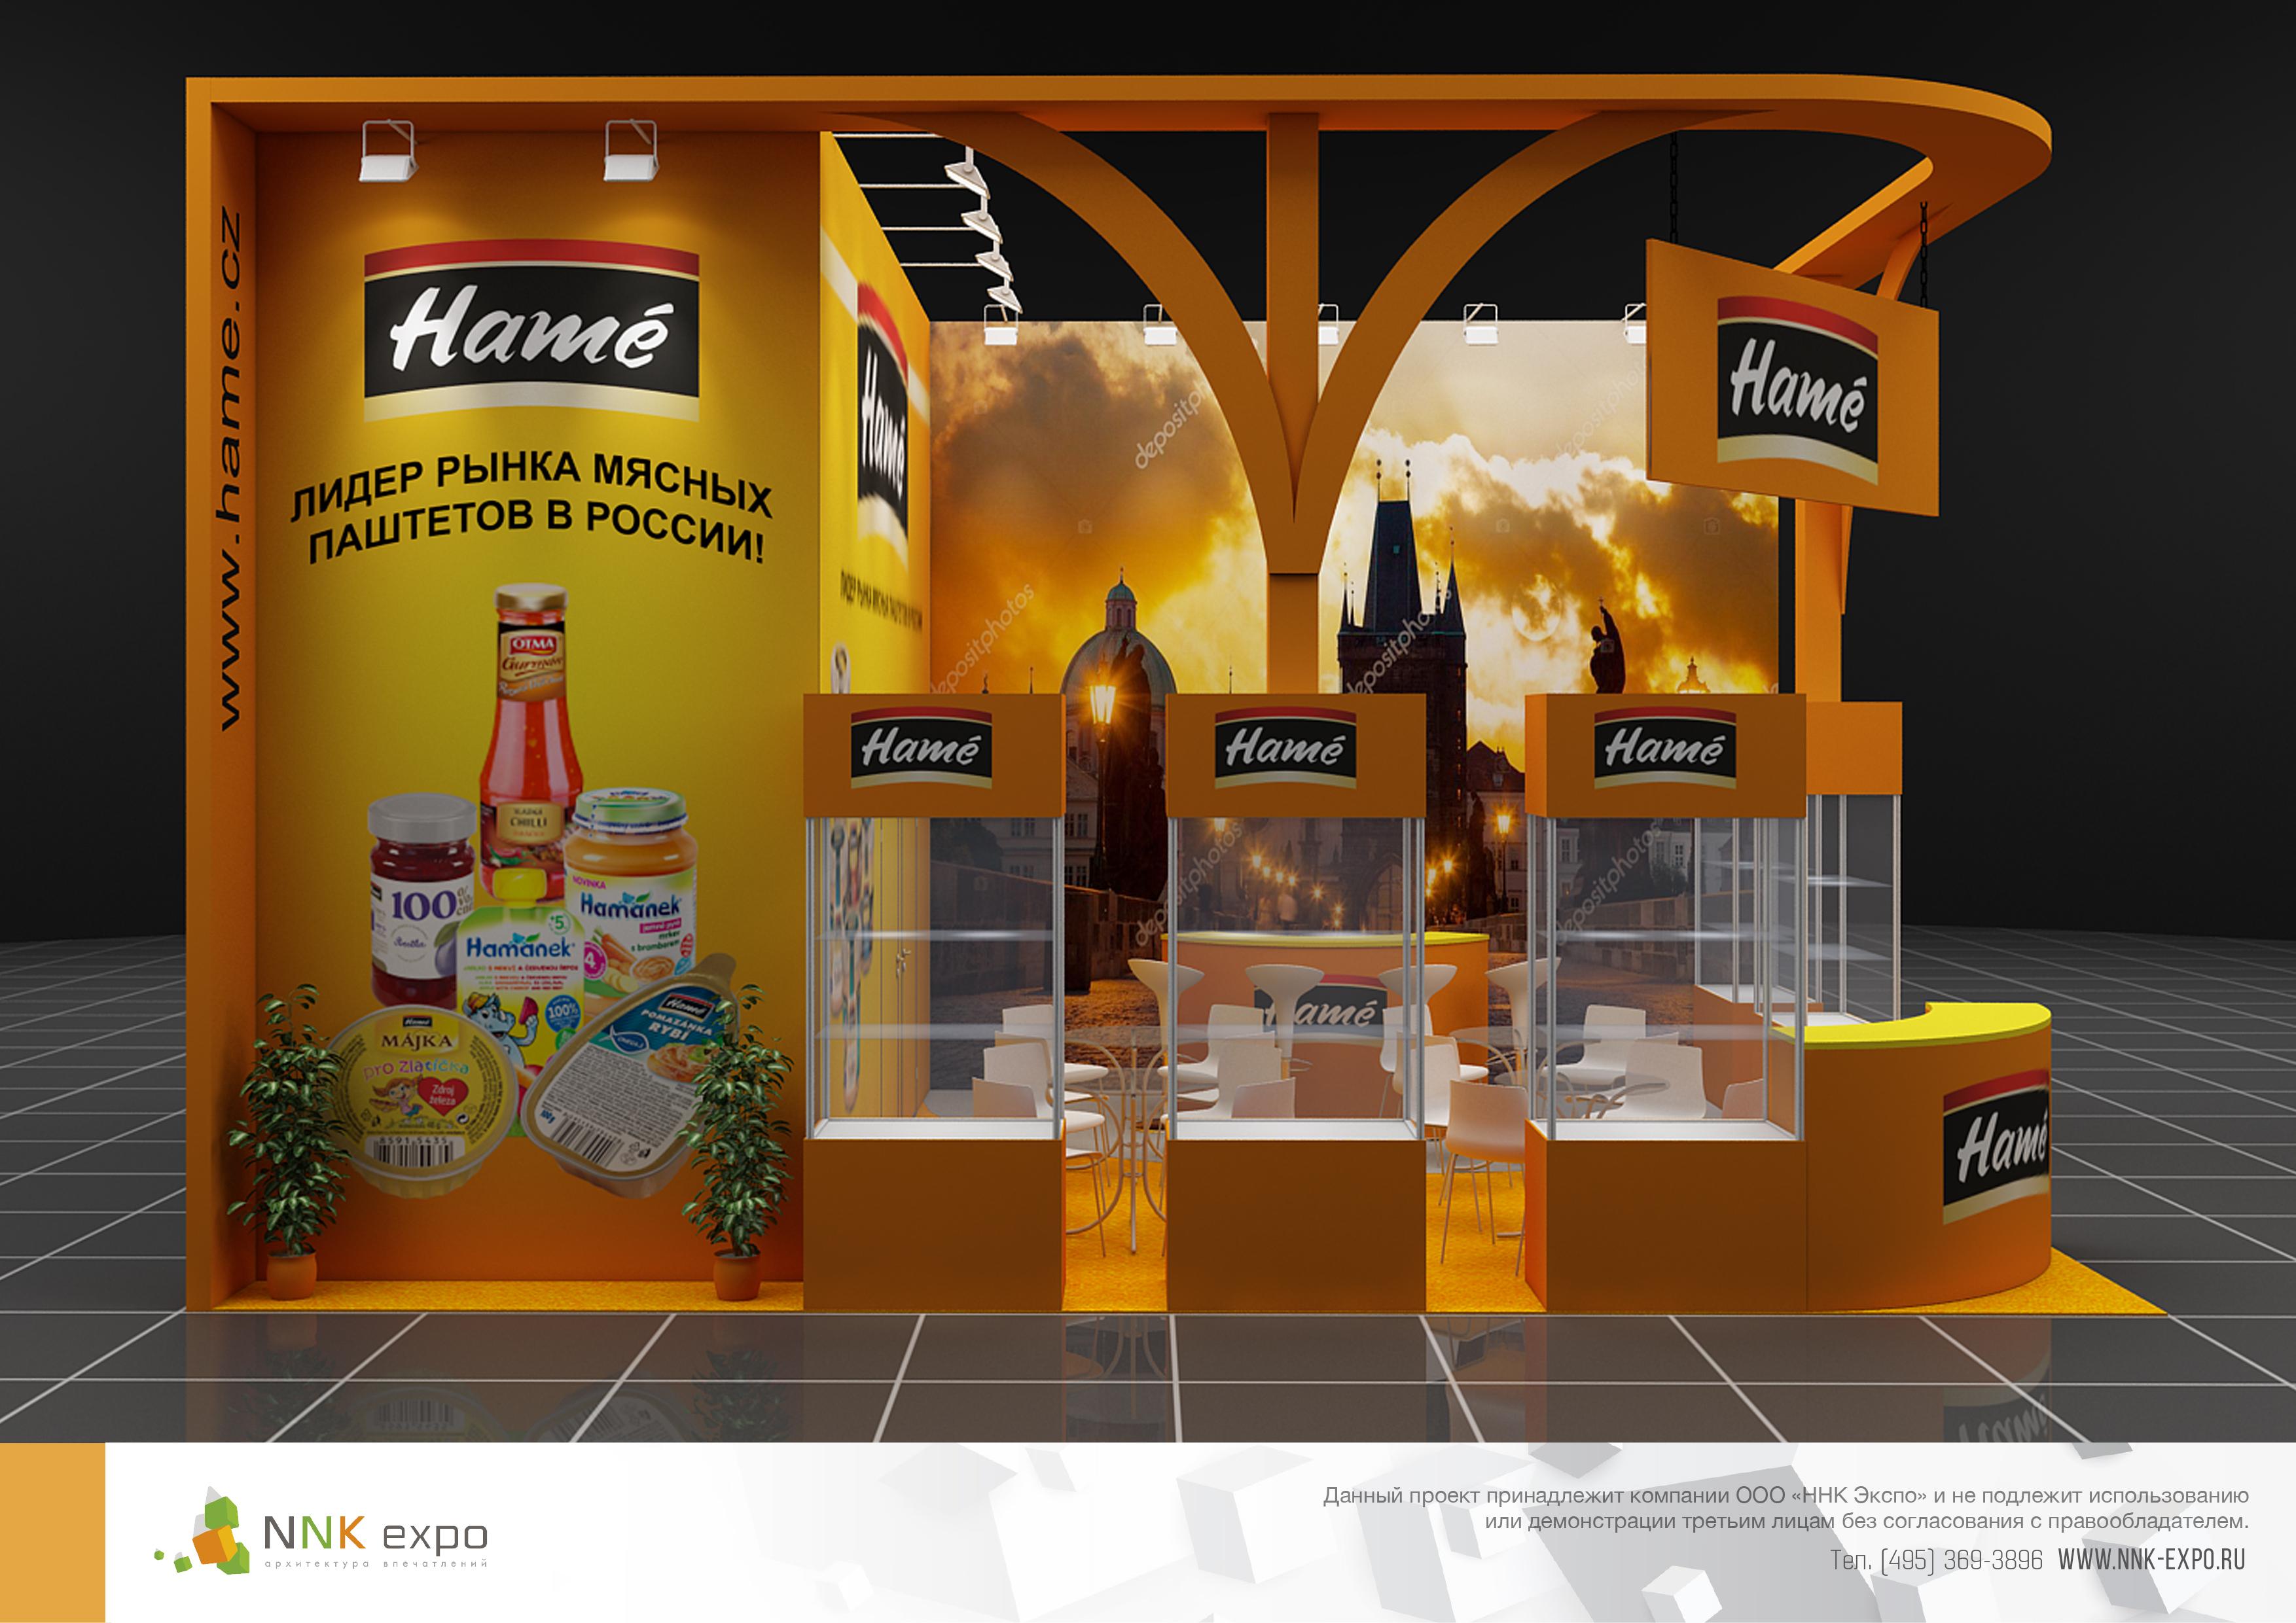 Дизайн проект выставочного стенда для компании Hame. Мясные паштеты.